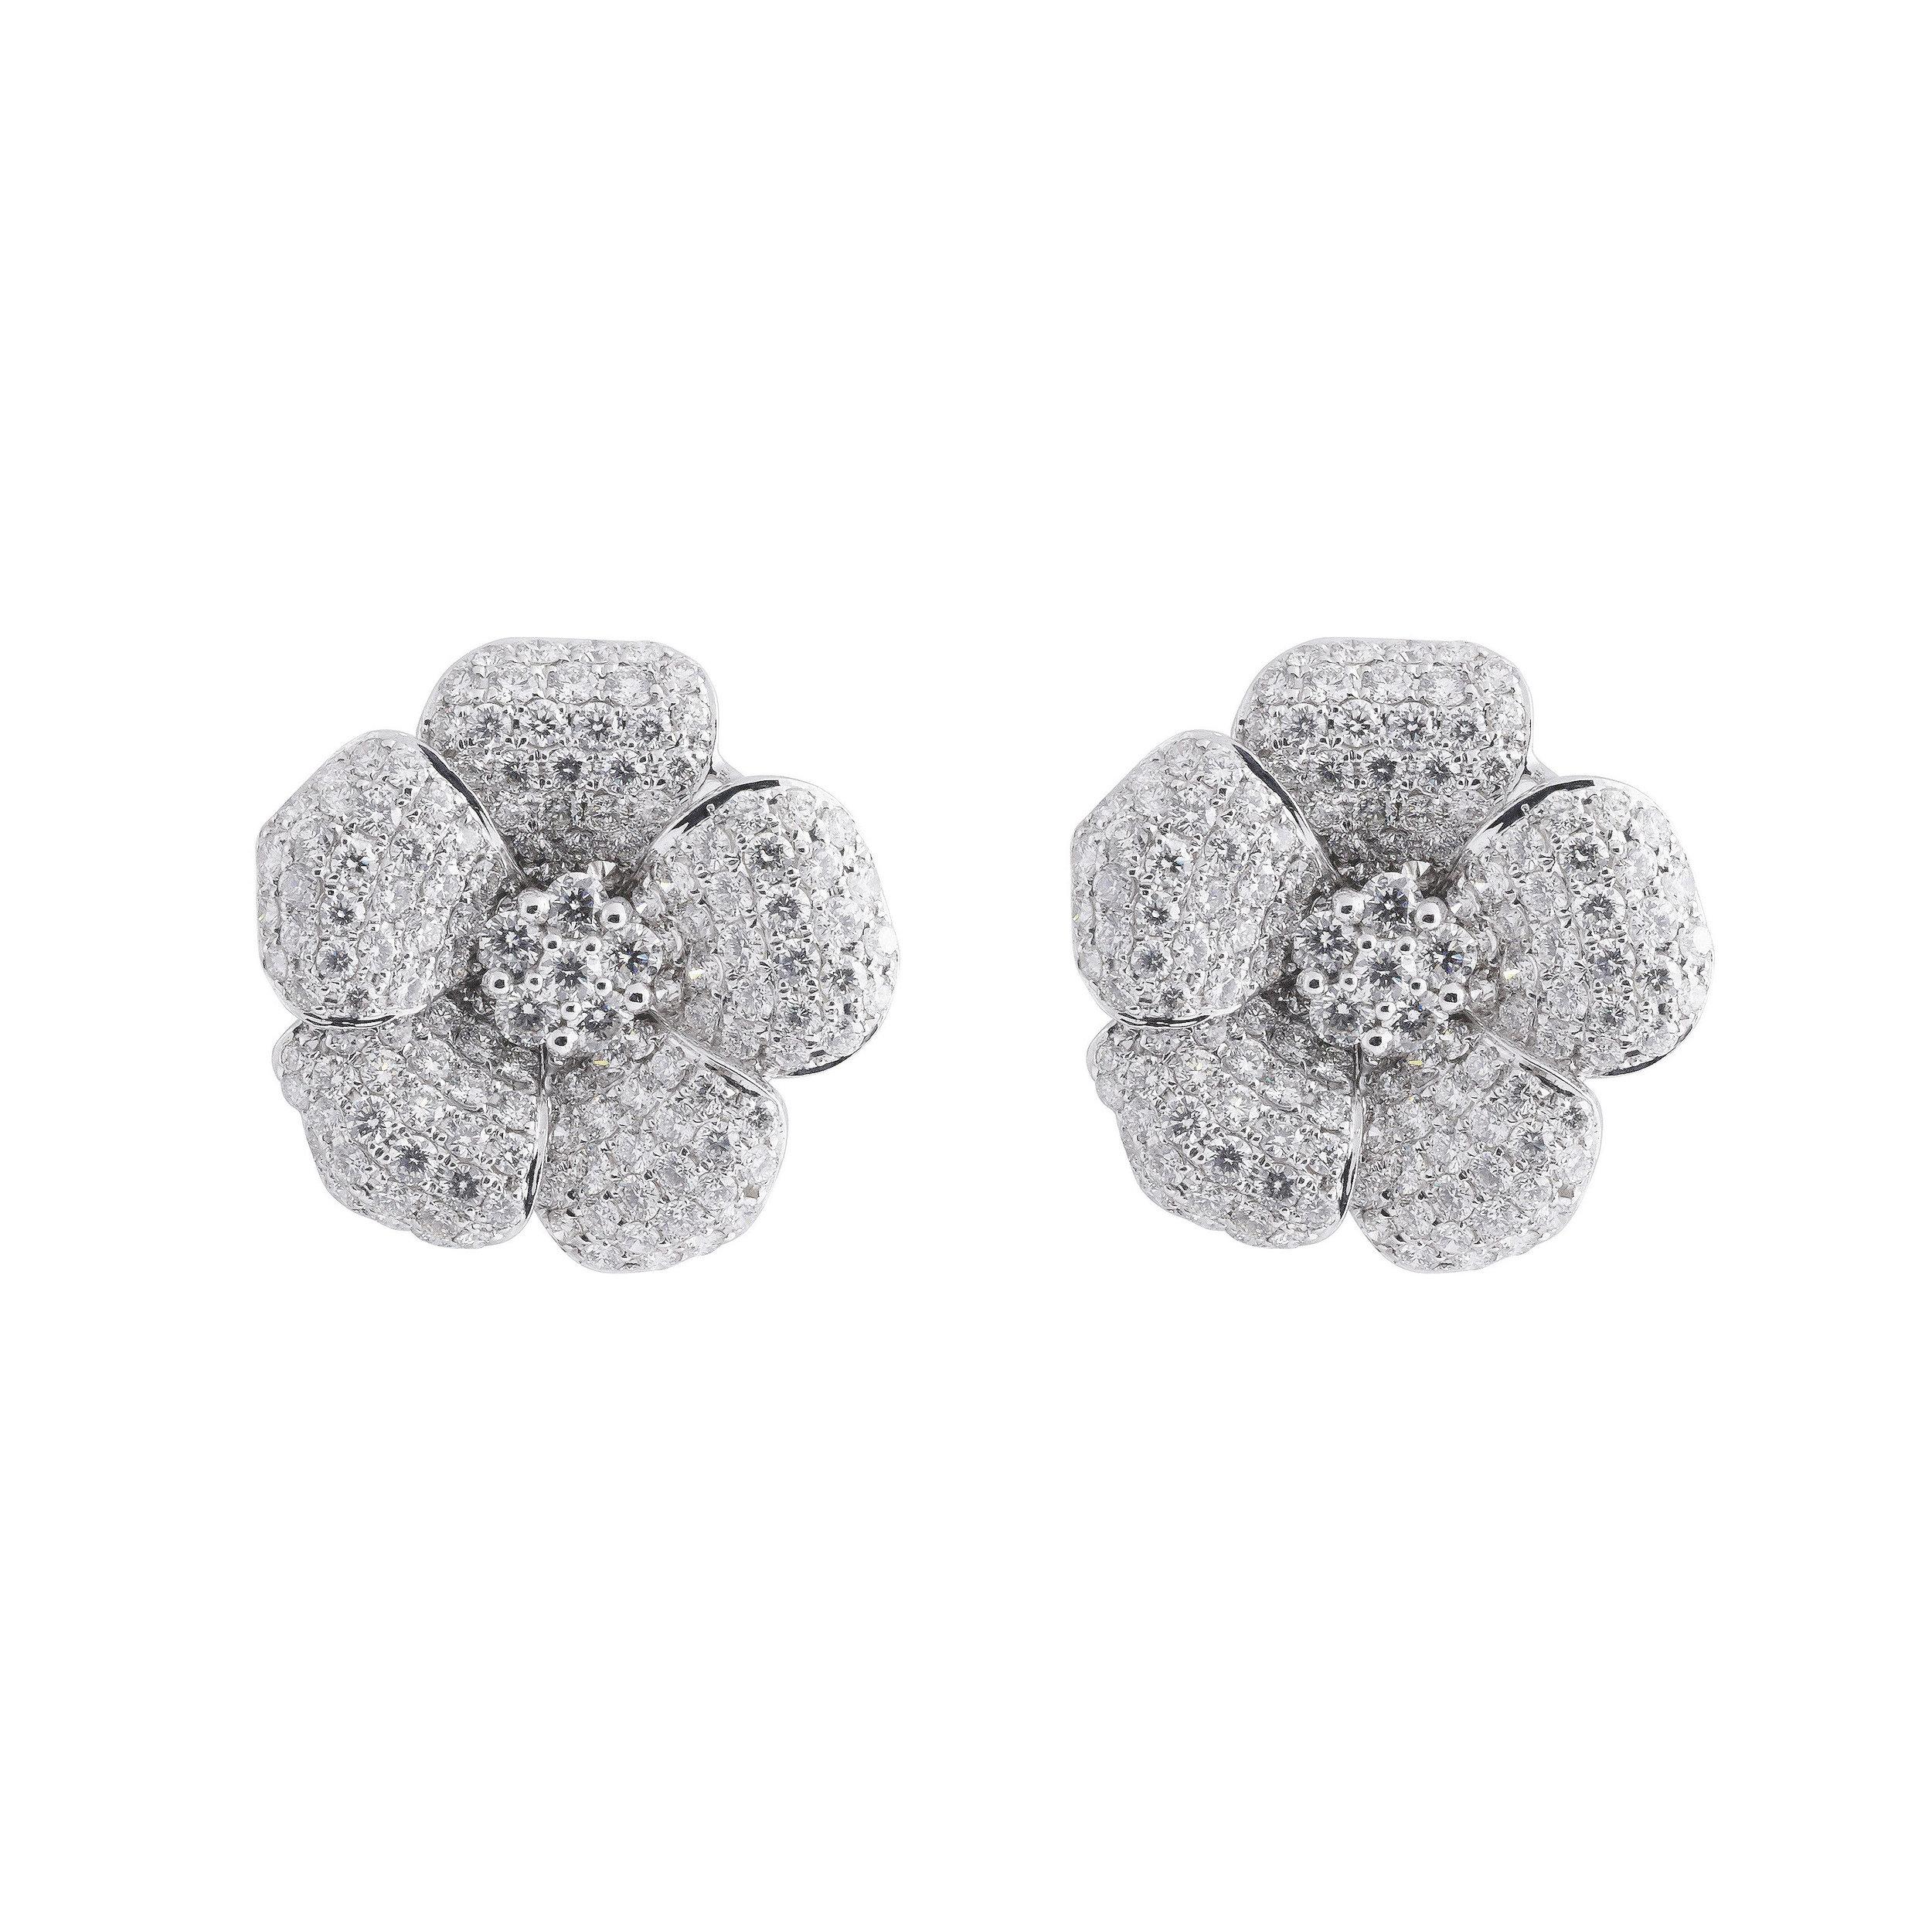 Jewelry By Marsha Large Diamond Flower Earrings